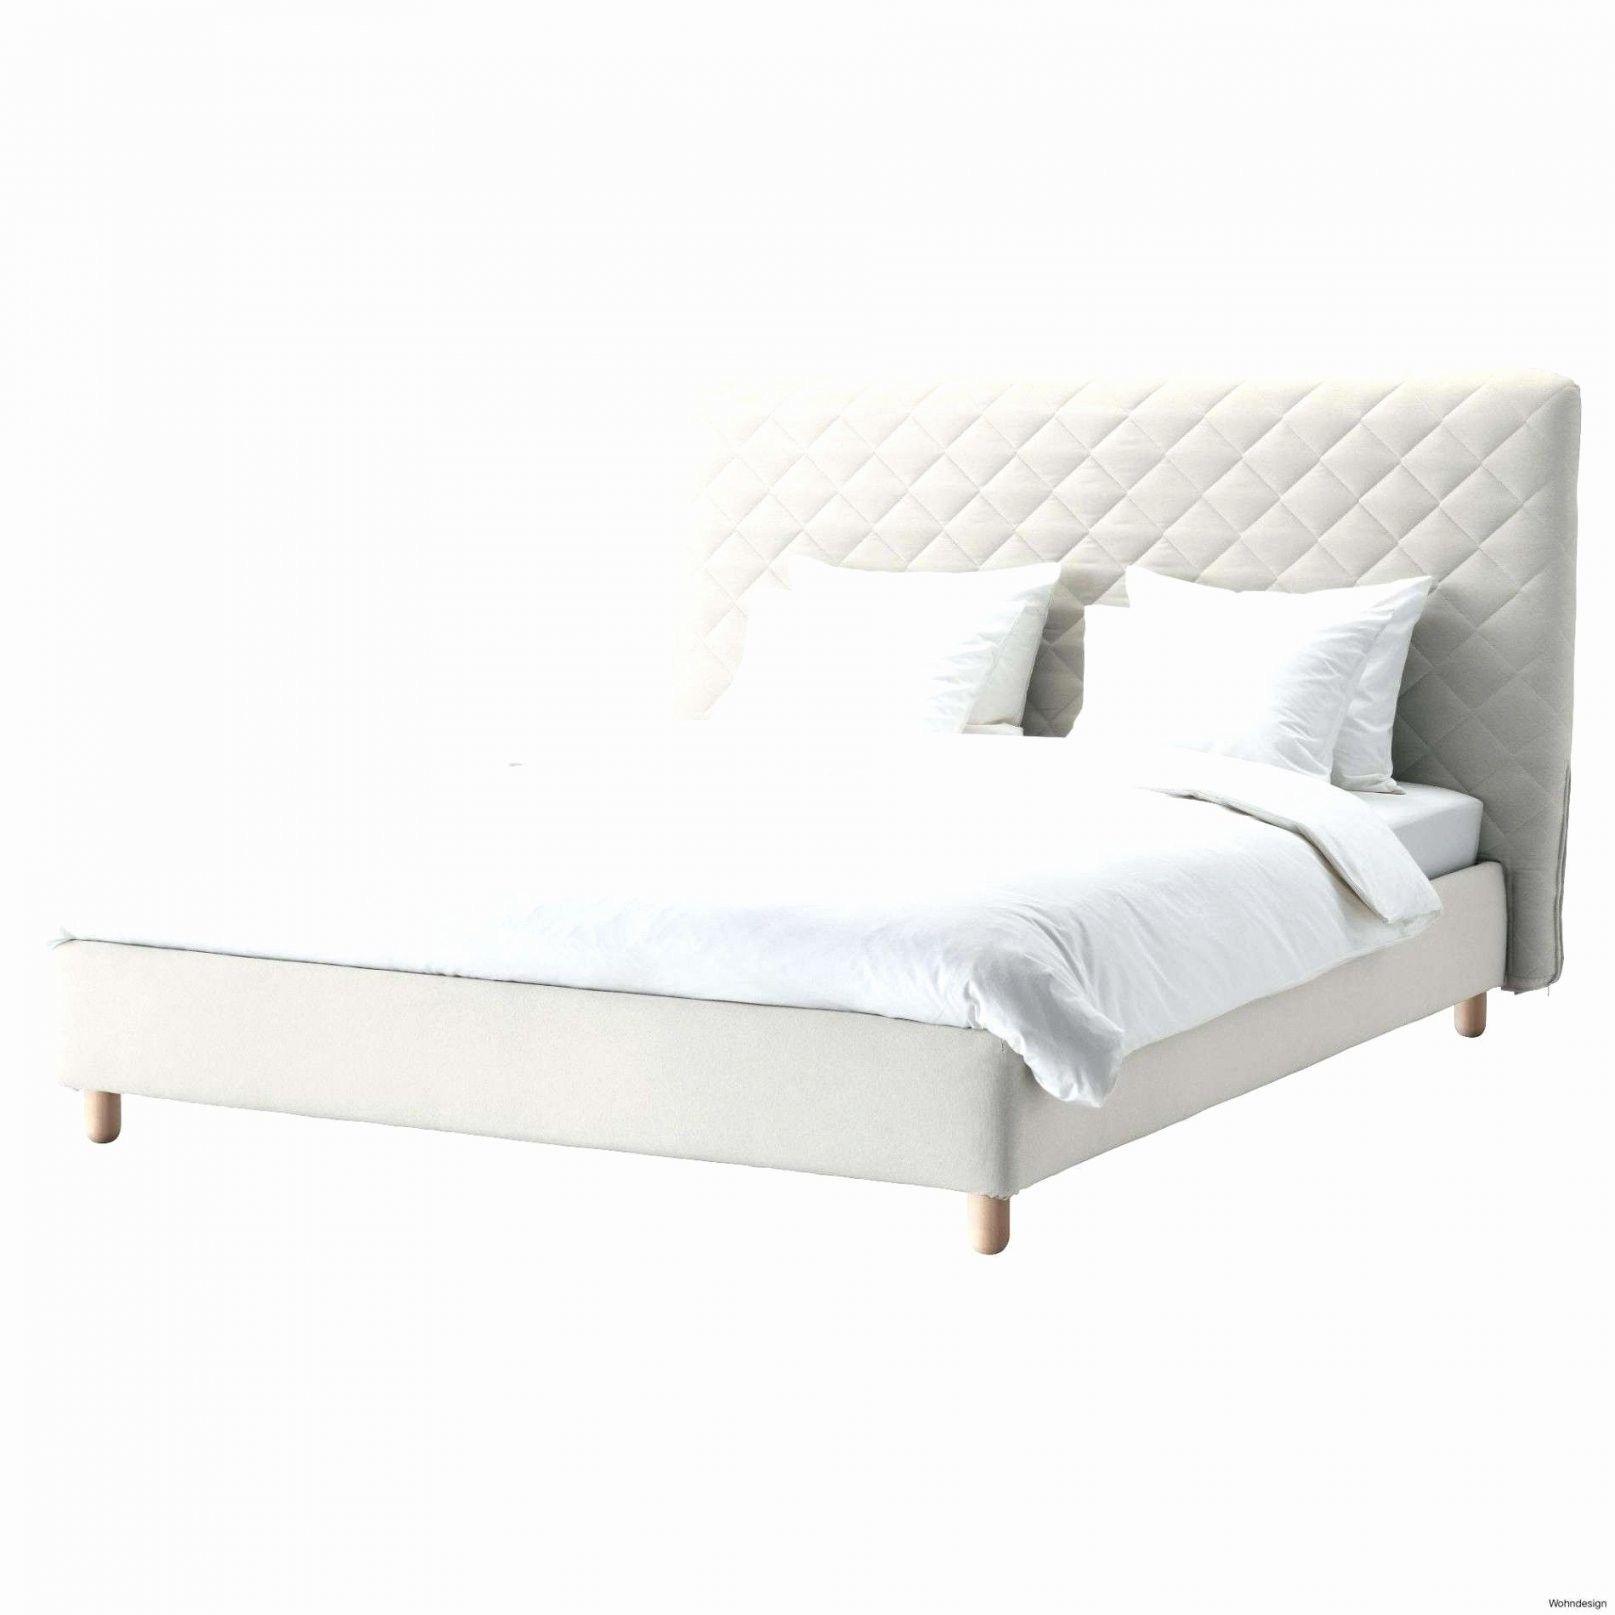 Bettkasten Ikea Betten 140×200